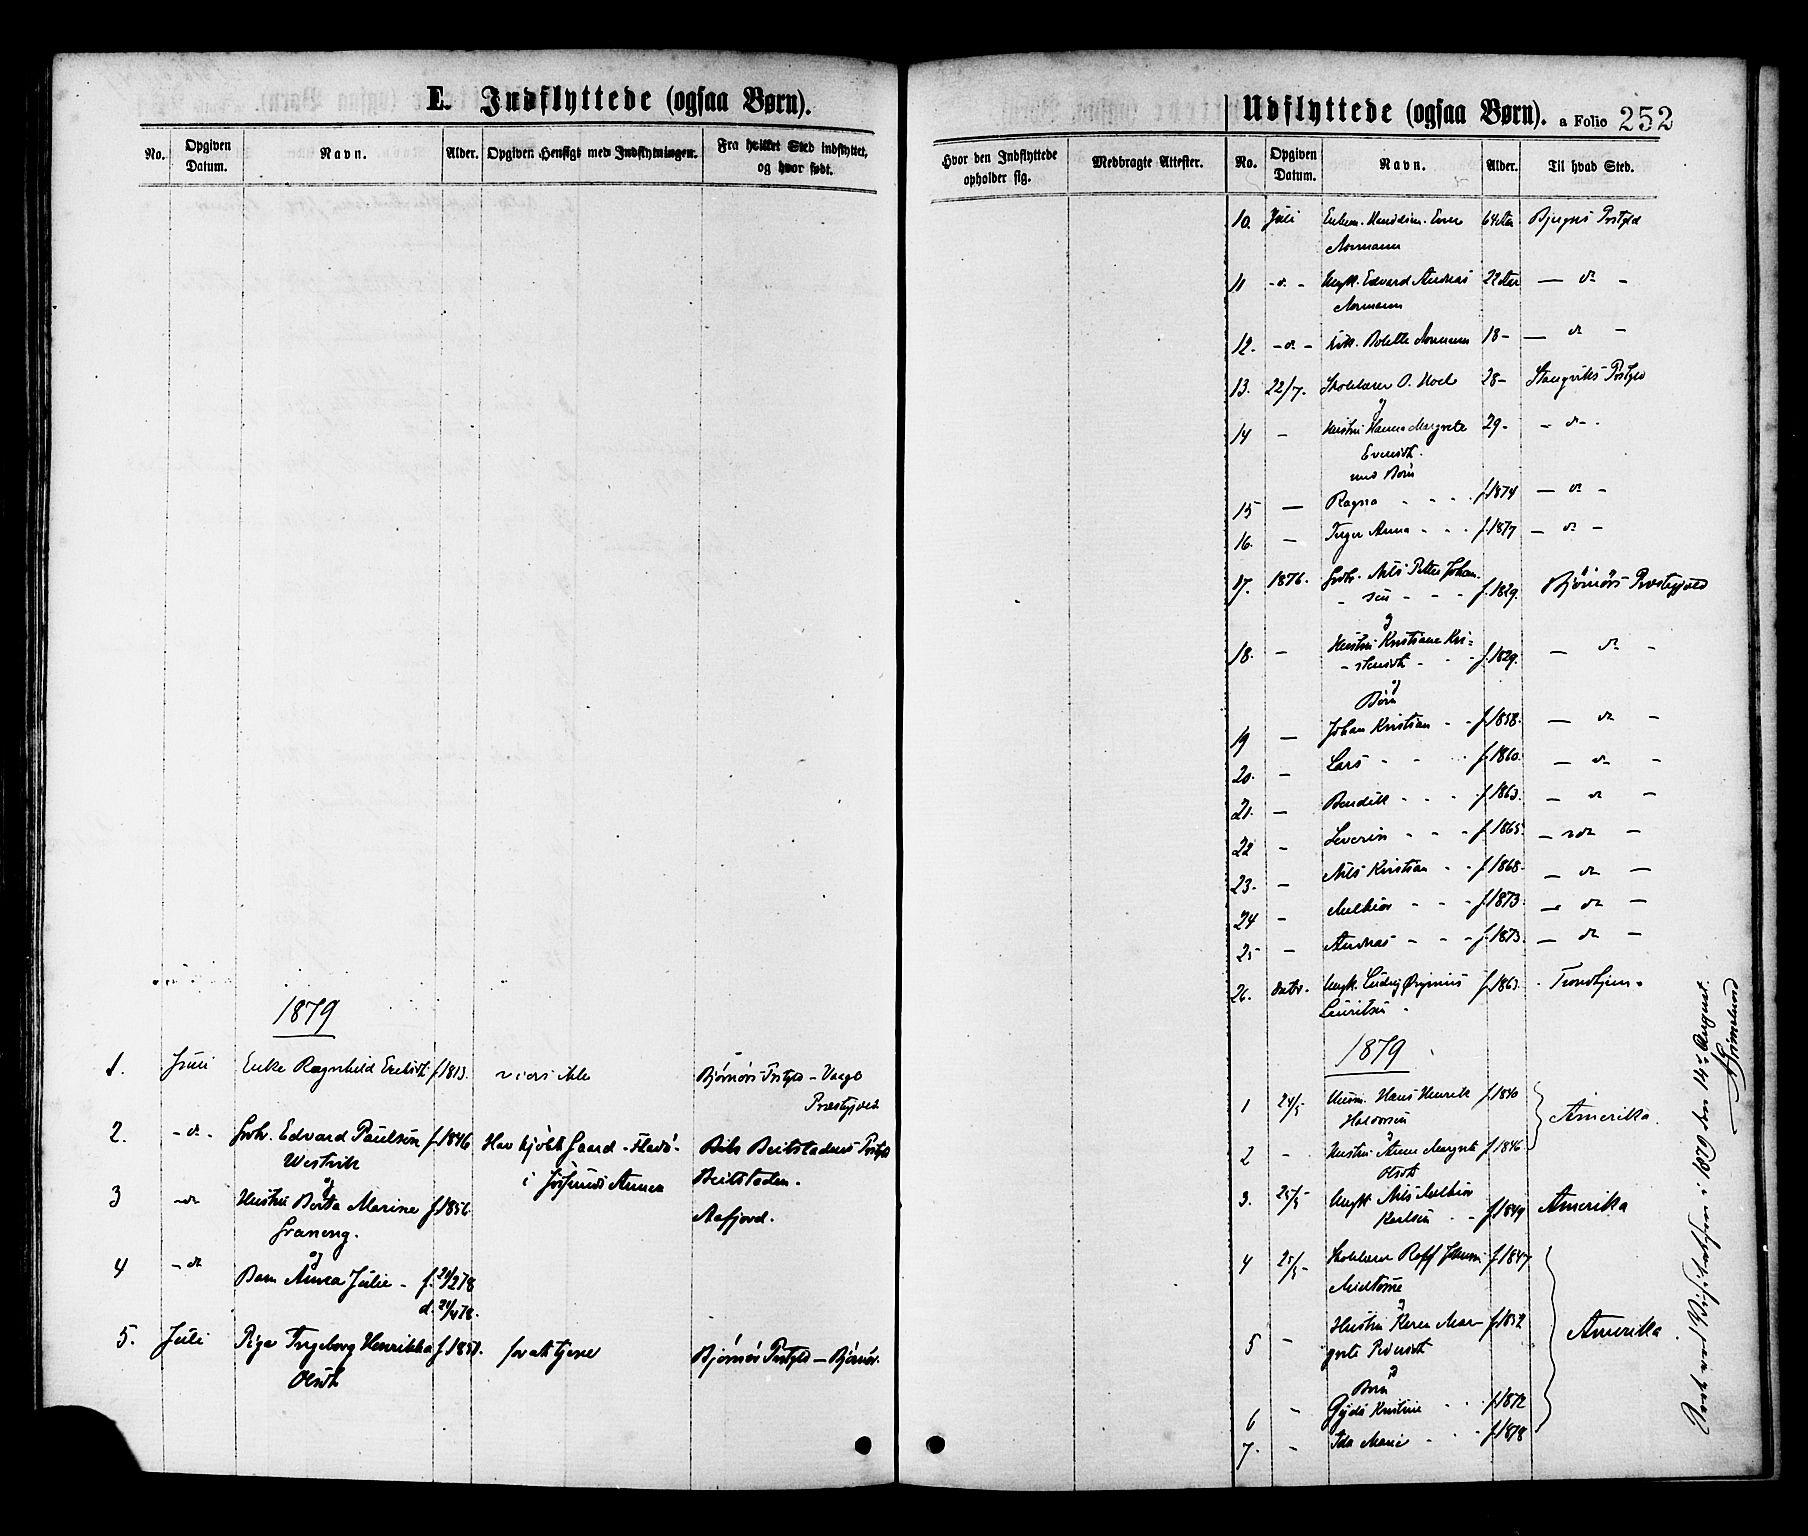 SAT, Ministerialprotokoller, klokkerbøker og fødselsregistre - Sør-Trøndelag, 655/L0679: Ministerialbok nr. 655A08, 1873-1879, s. 252